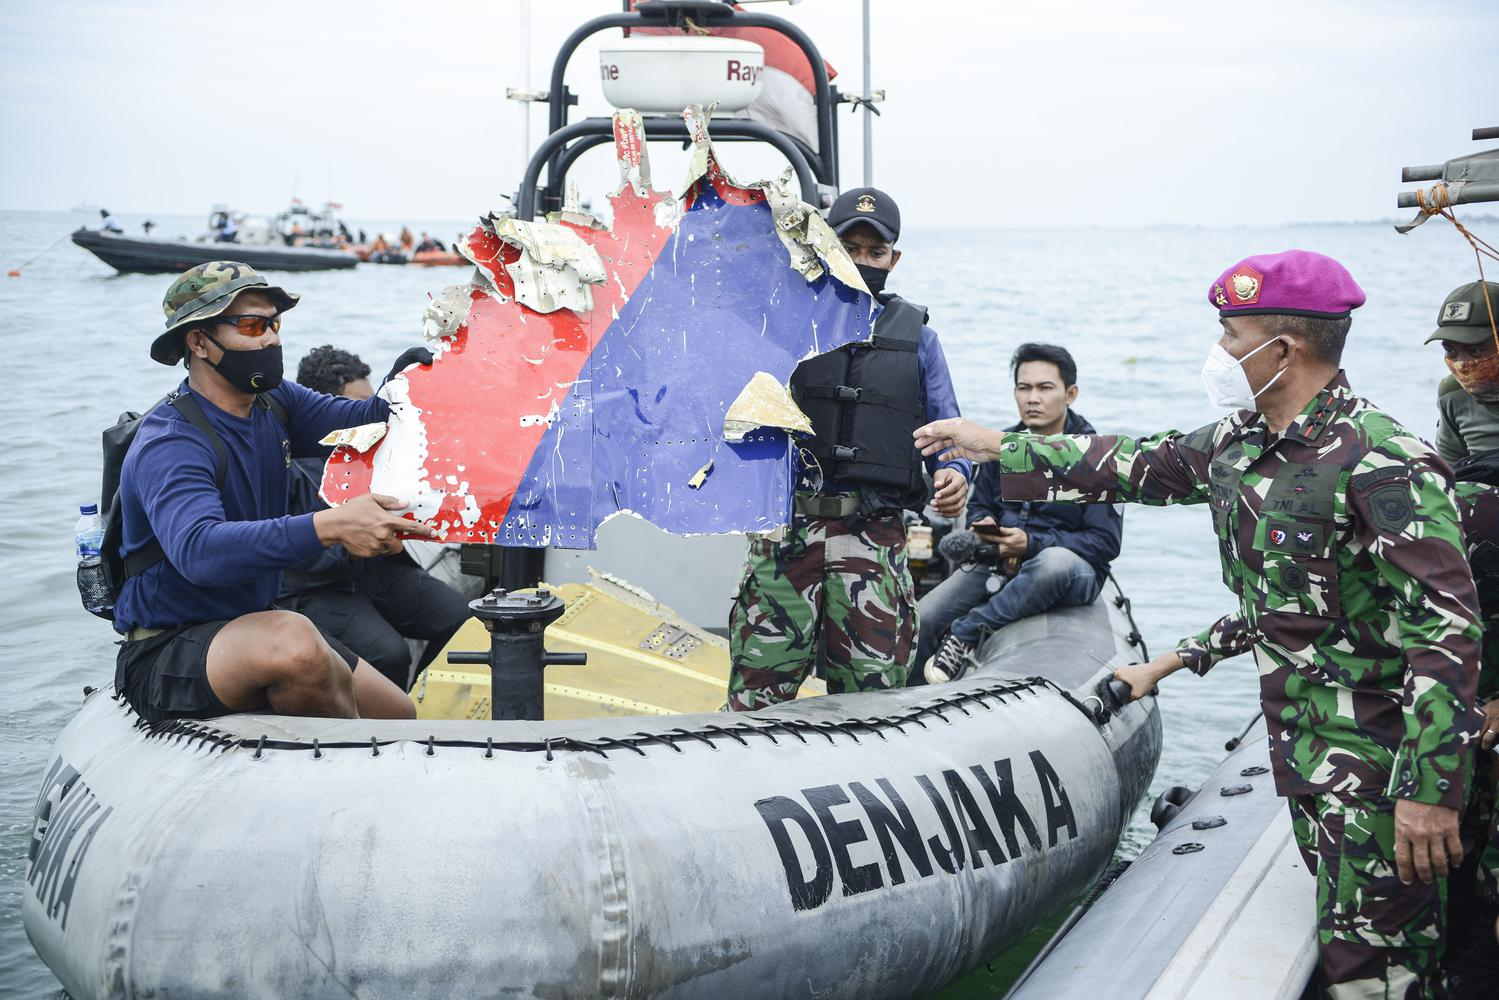 Komandan Korps Marinir Mayor Jenderal TNI Mar Suhartono (kanan) mengamati serpihan dari pesawat Sriwijaya Air SJ 182 yang hilang kontak saat melakukan pencarian di perairan Kepulauan Seribu, Jakarta, Minggu (10/1/2021). Pesawat Sriwijaya Air SJ 182 yang hilang kontak pada Sabtu (9/1) sekitar pukul 14.40 WIB di ketinggian 10 ribu kaki tersebut membawa enam awak dan 56 penumpang.